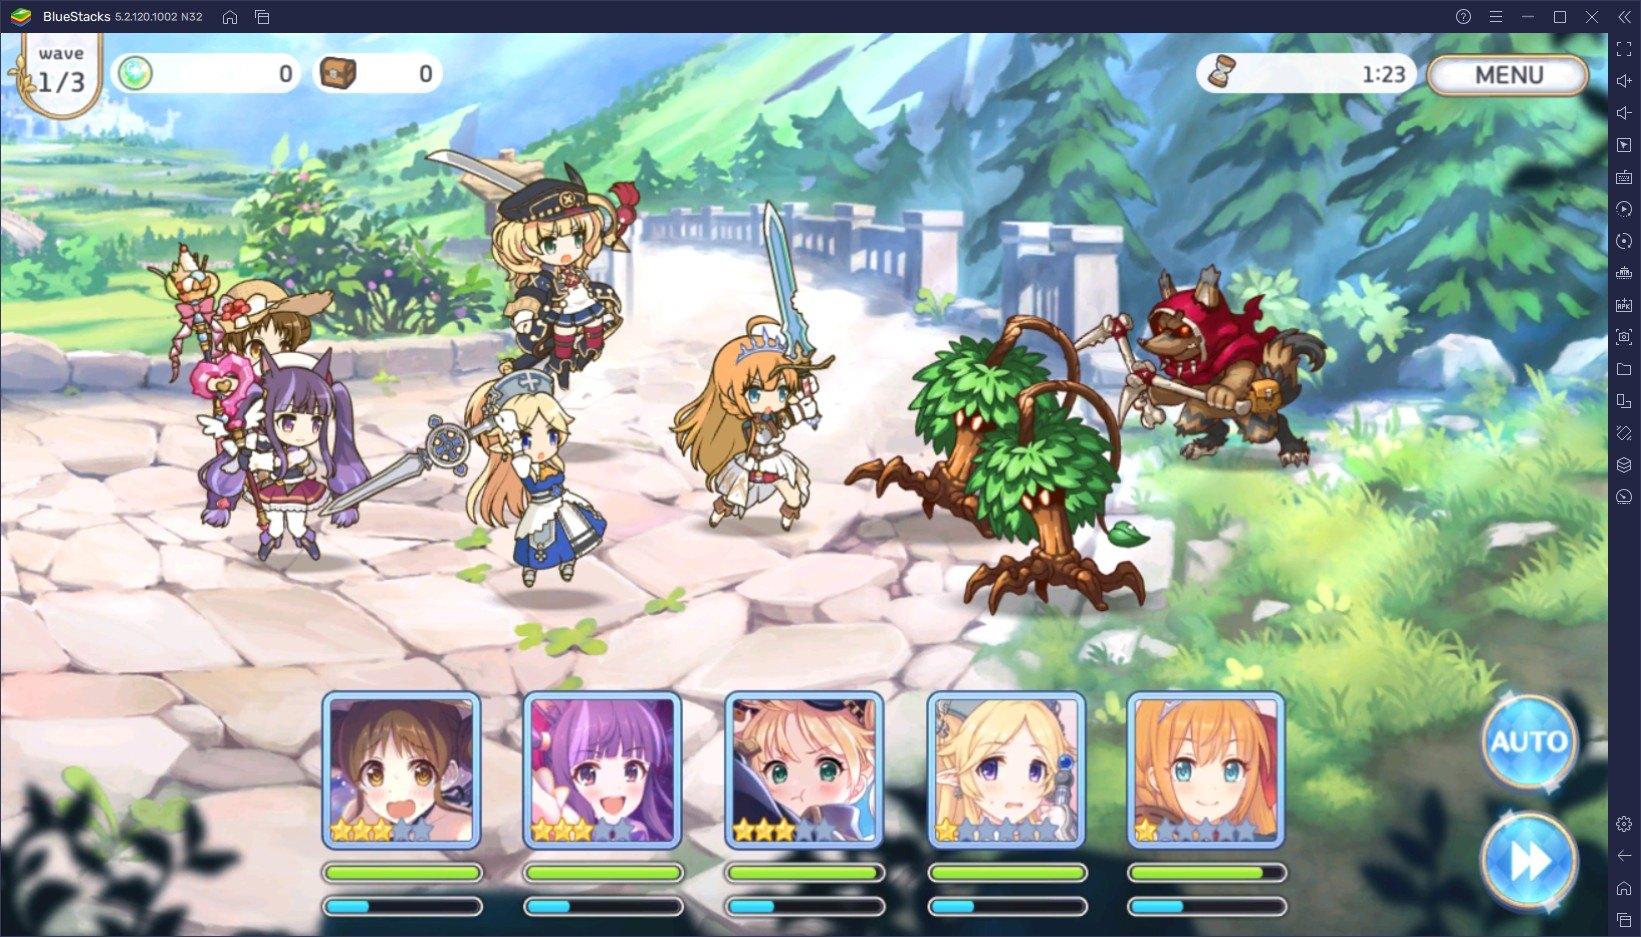 프린세스 커넥트! Re:Dive의 롱런에는 이유가 있다, 블루스택에서 애니메이션 RPG의 매력을 제대로 느껴보세요!